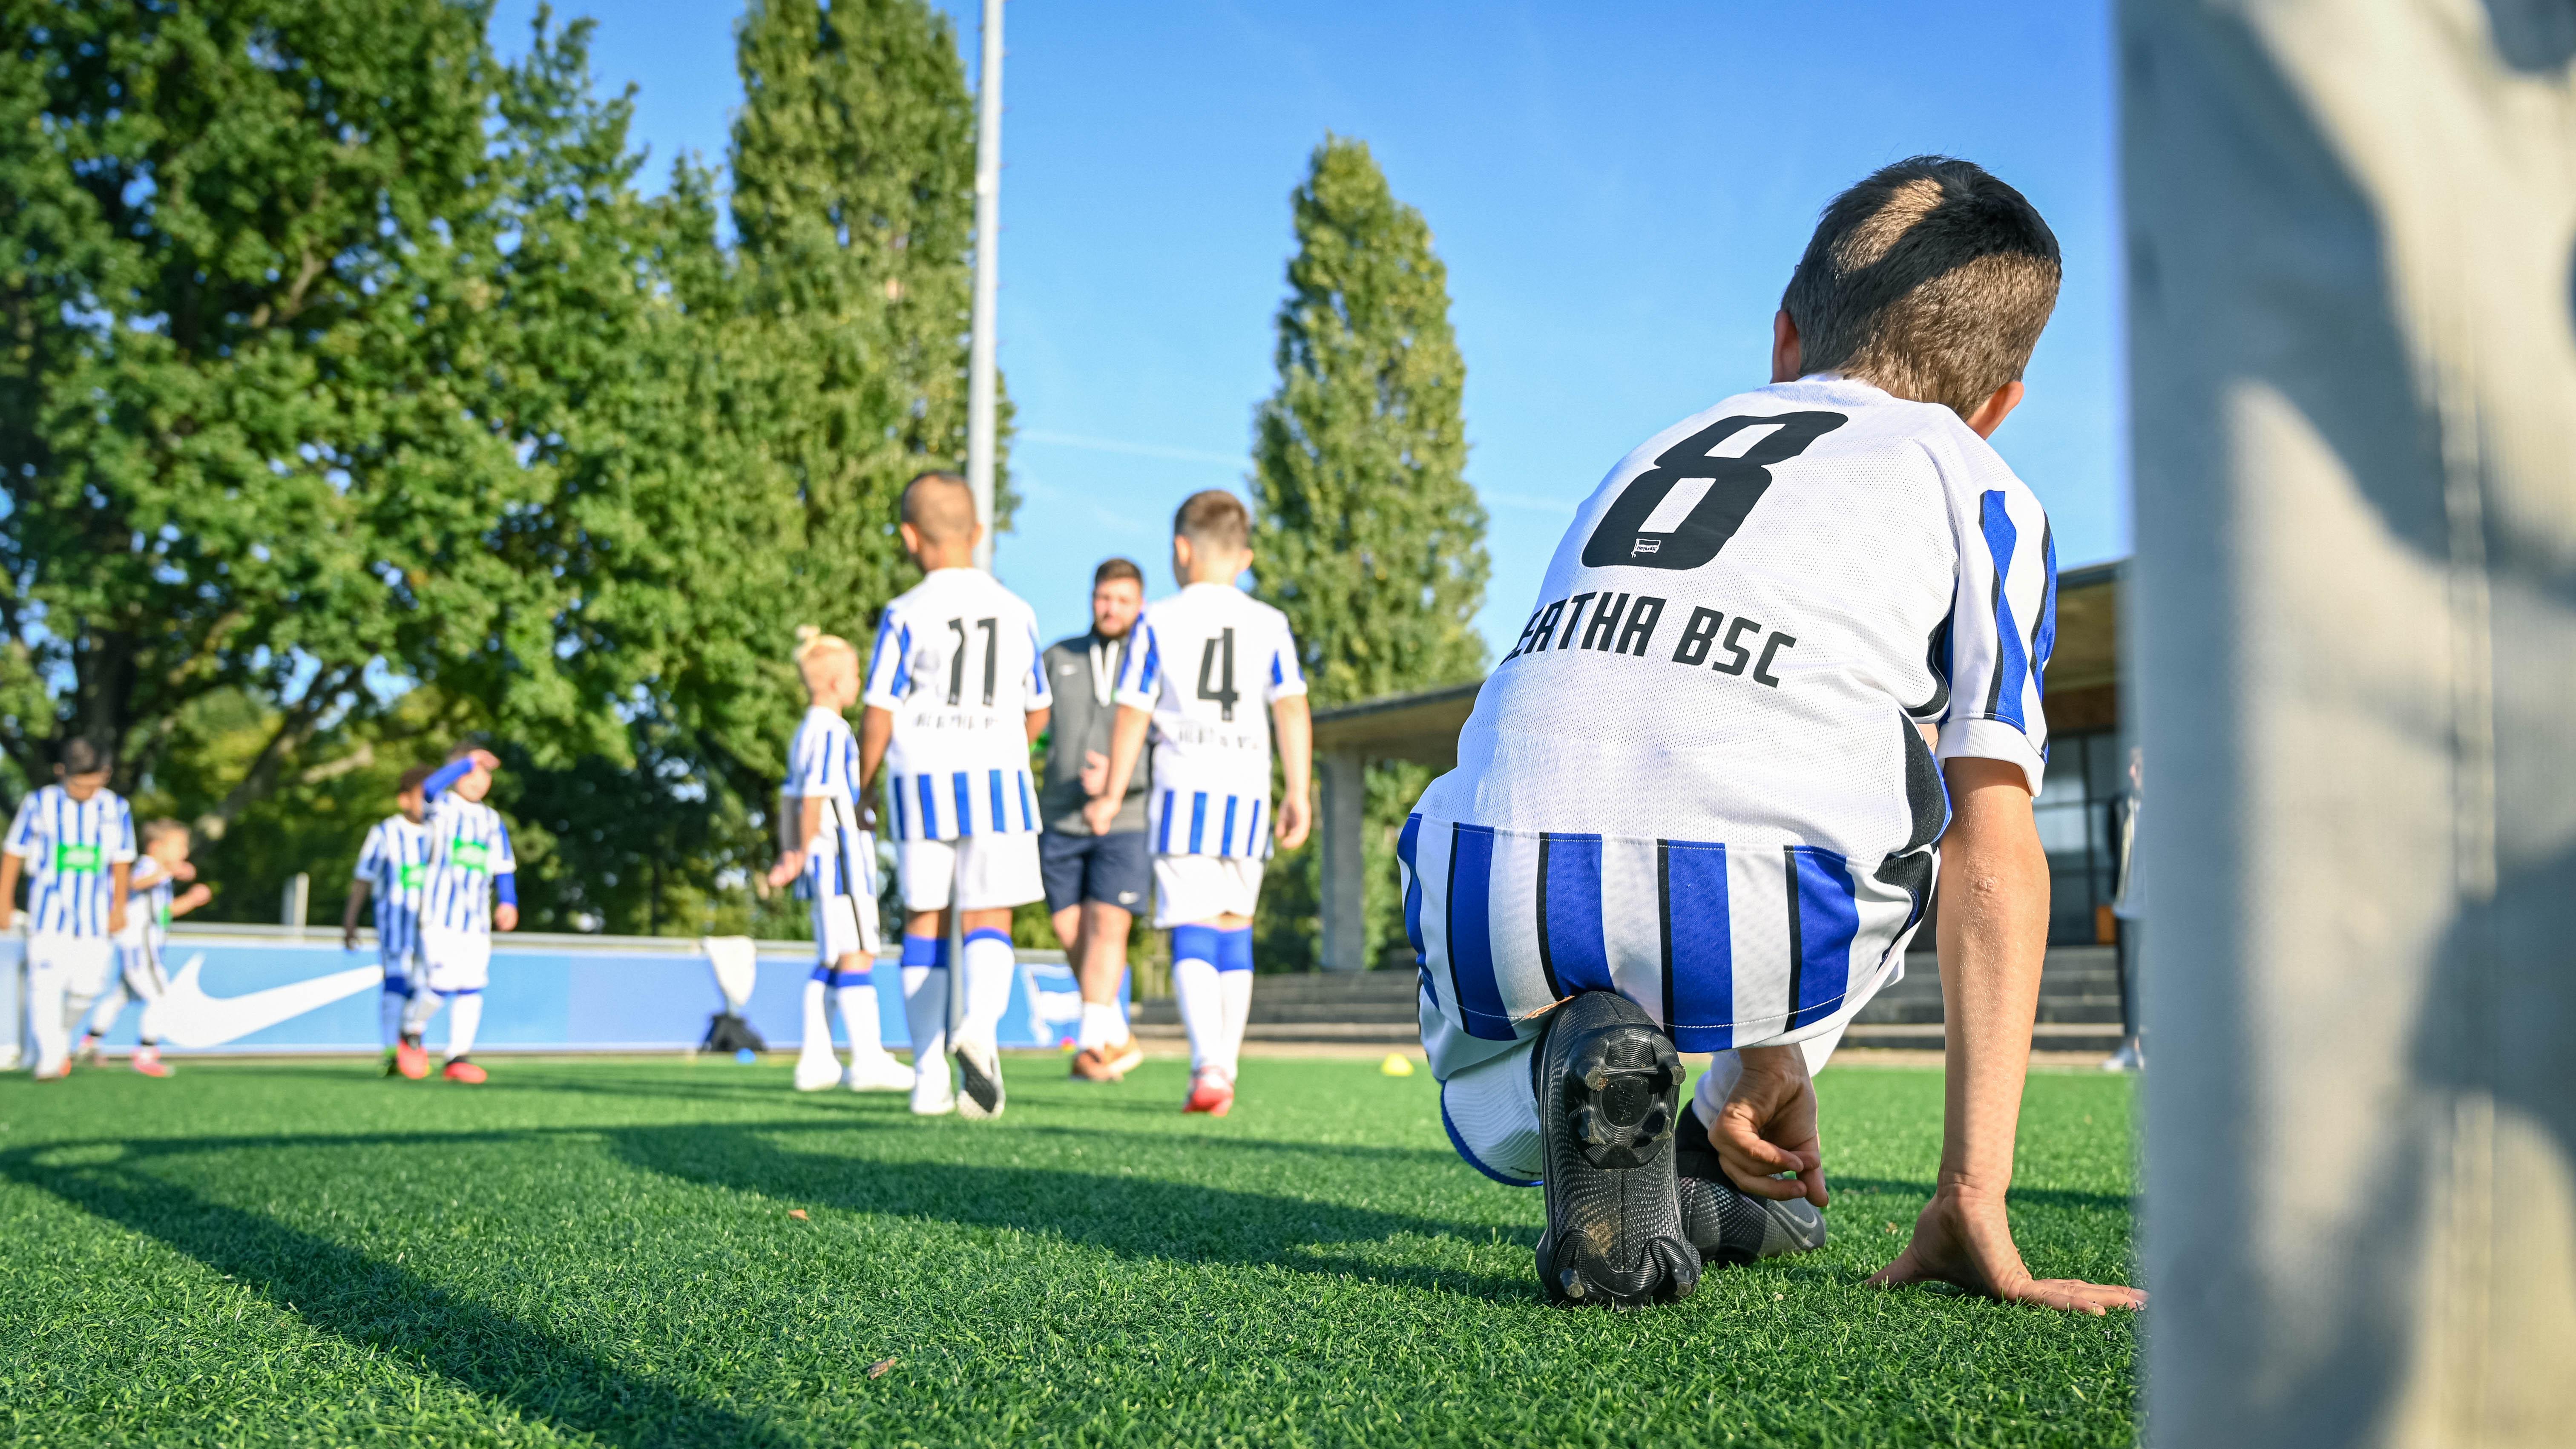 Herthas junge Talente beim Fußballspielen auf dem Trainingsplatz.